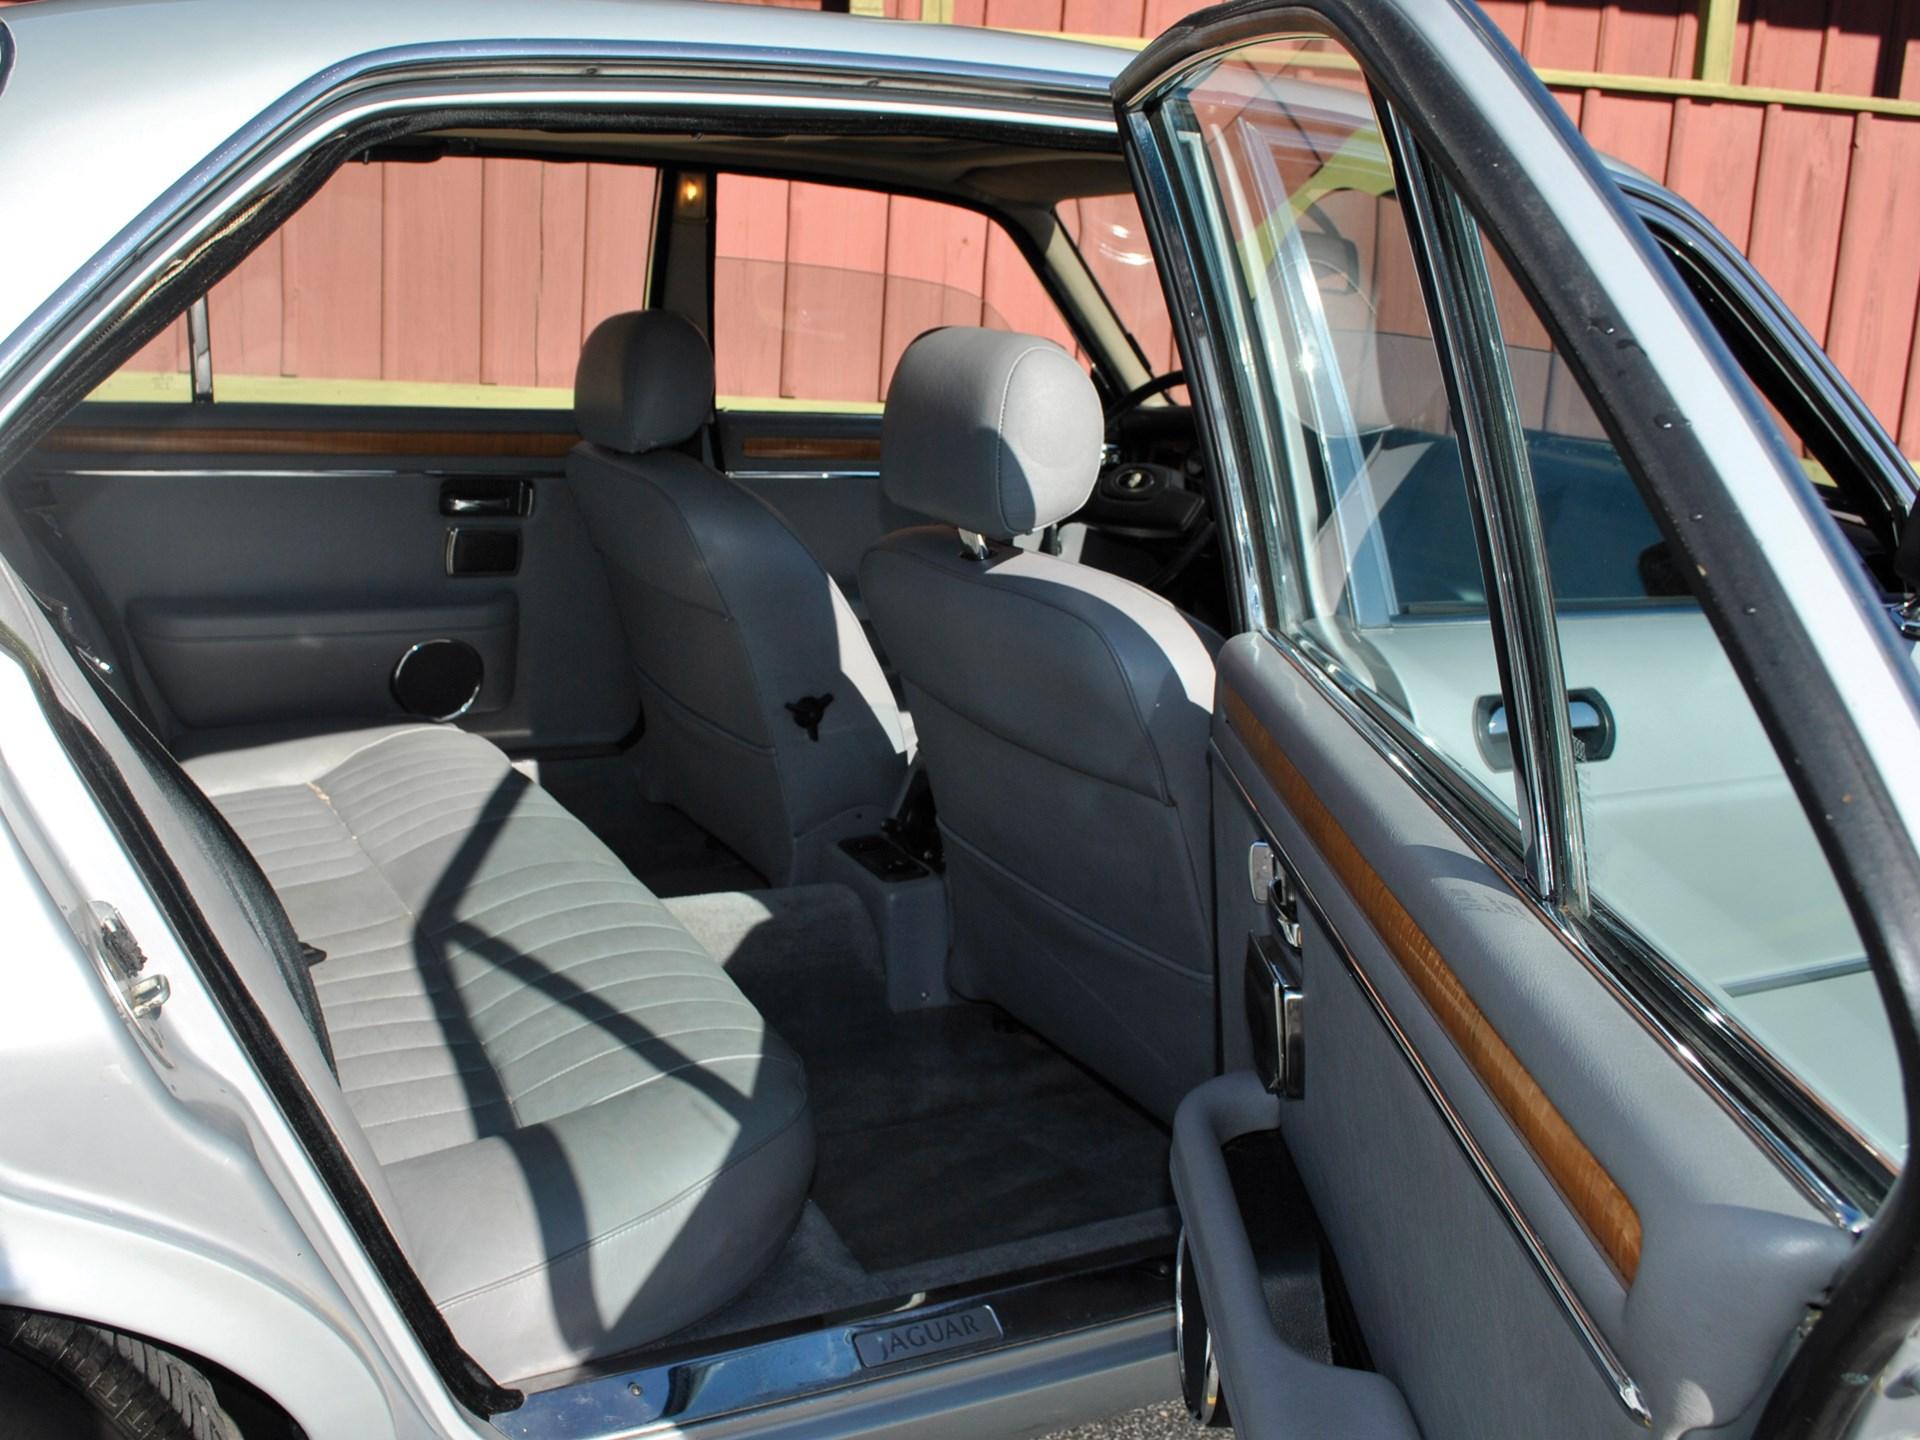 1986 Jaguar XJ6 Sedan